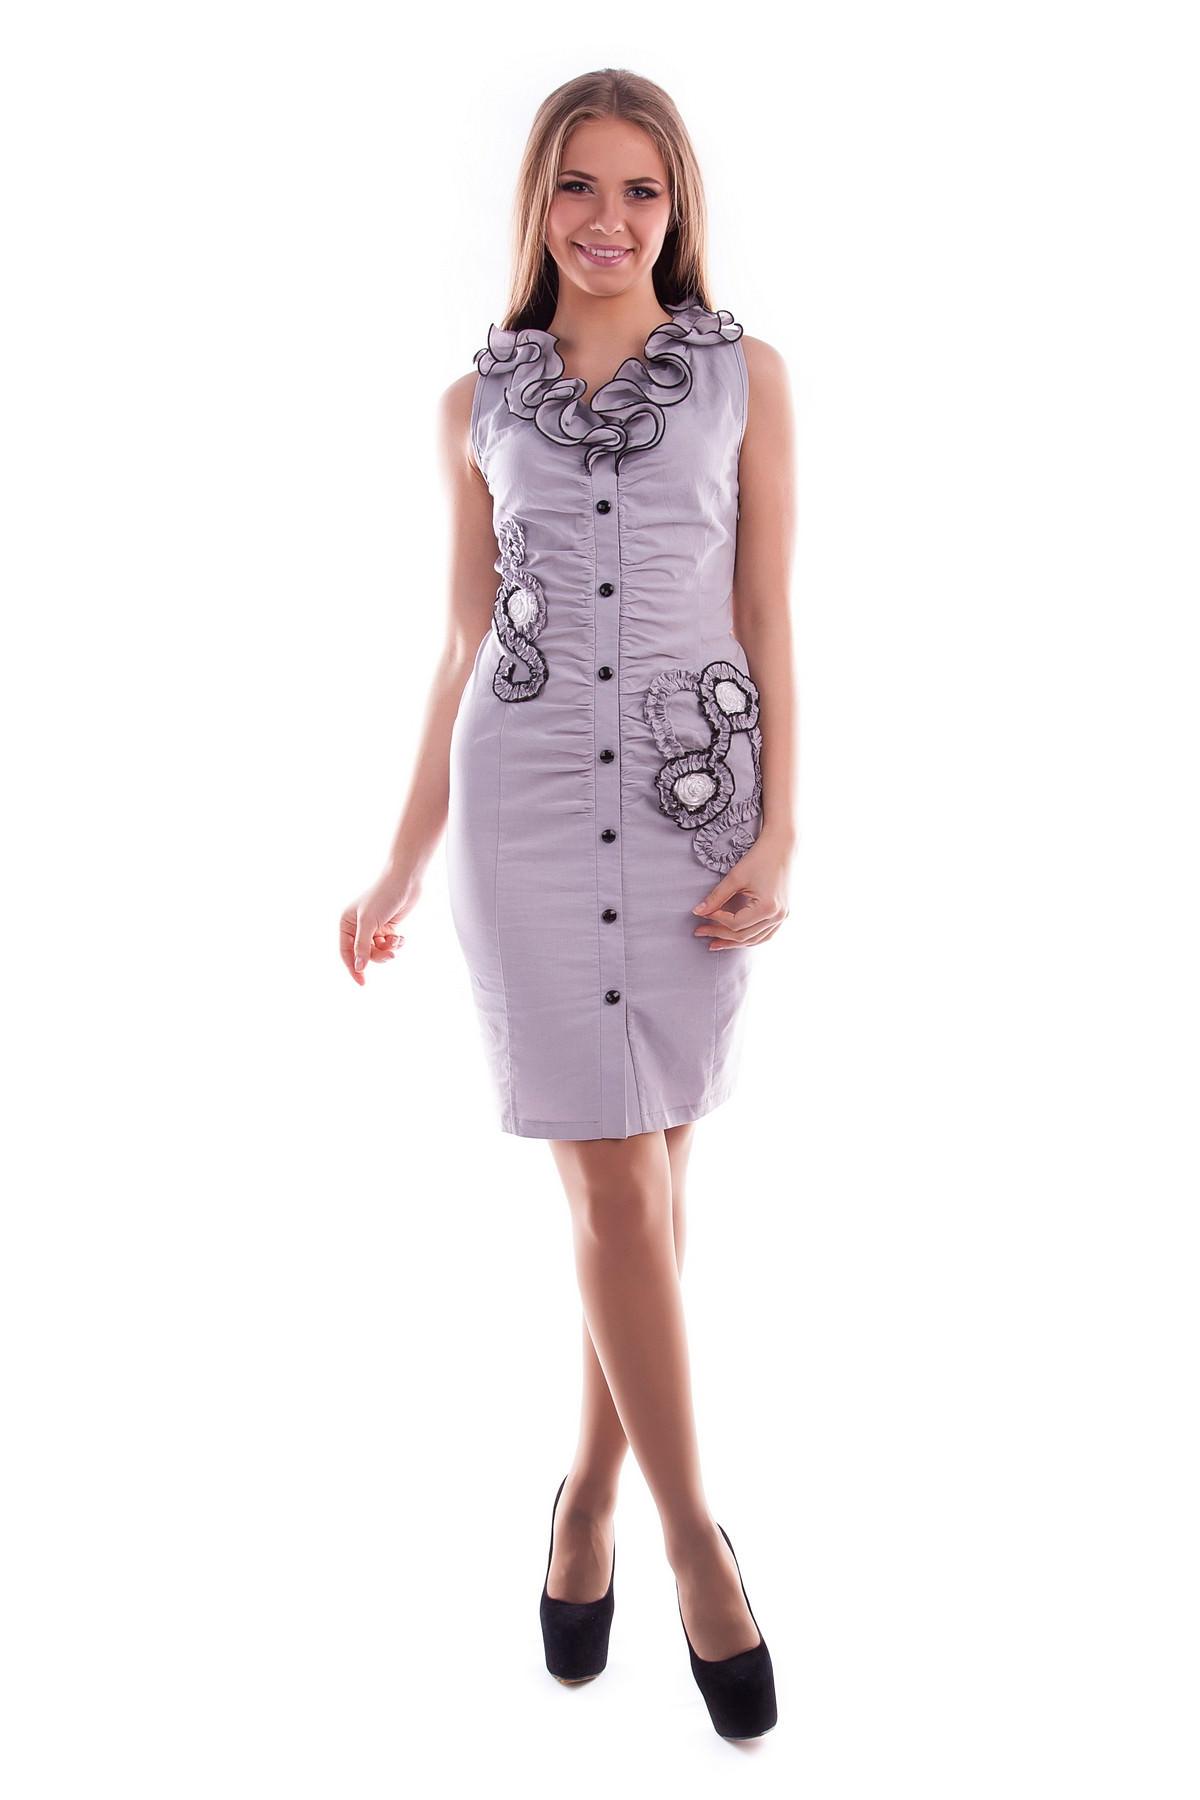 Оптовый интернет-магазин платьев Modus Платье Ирис